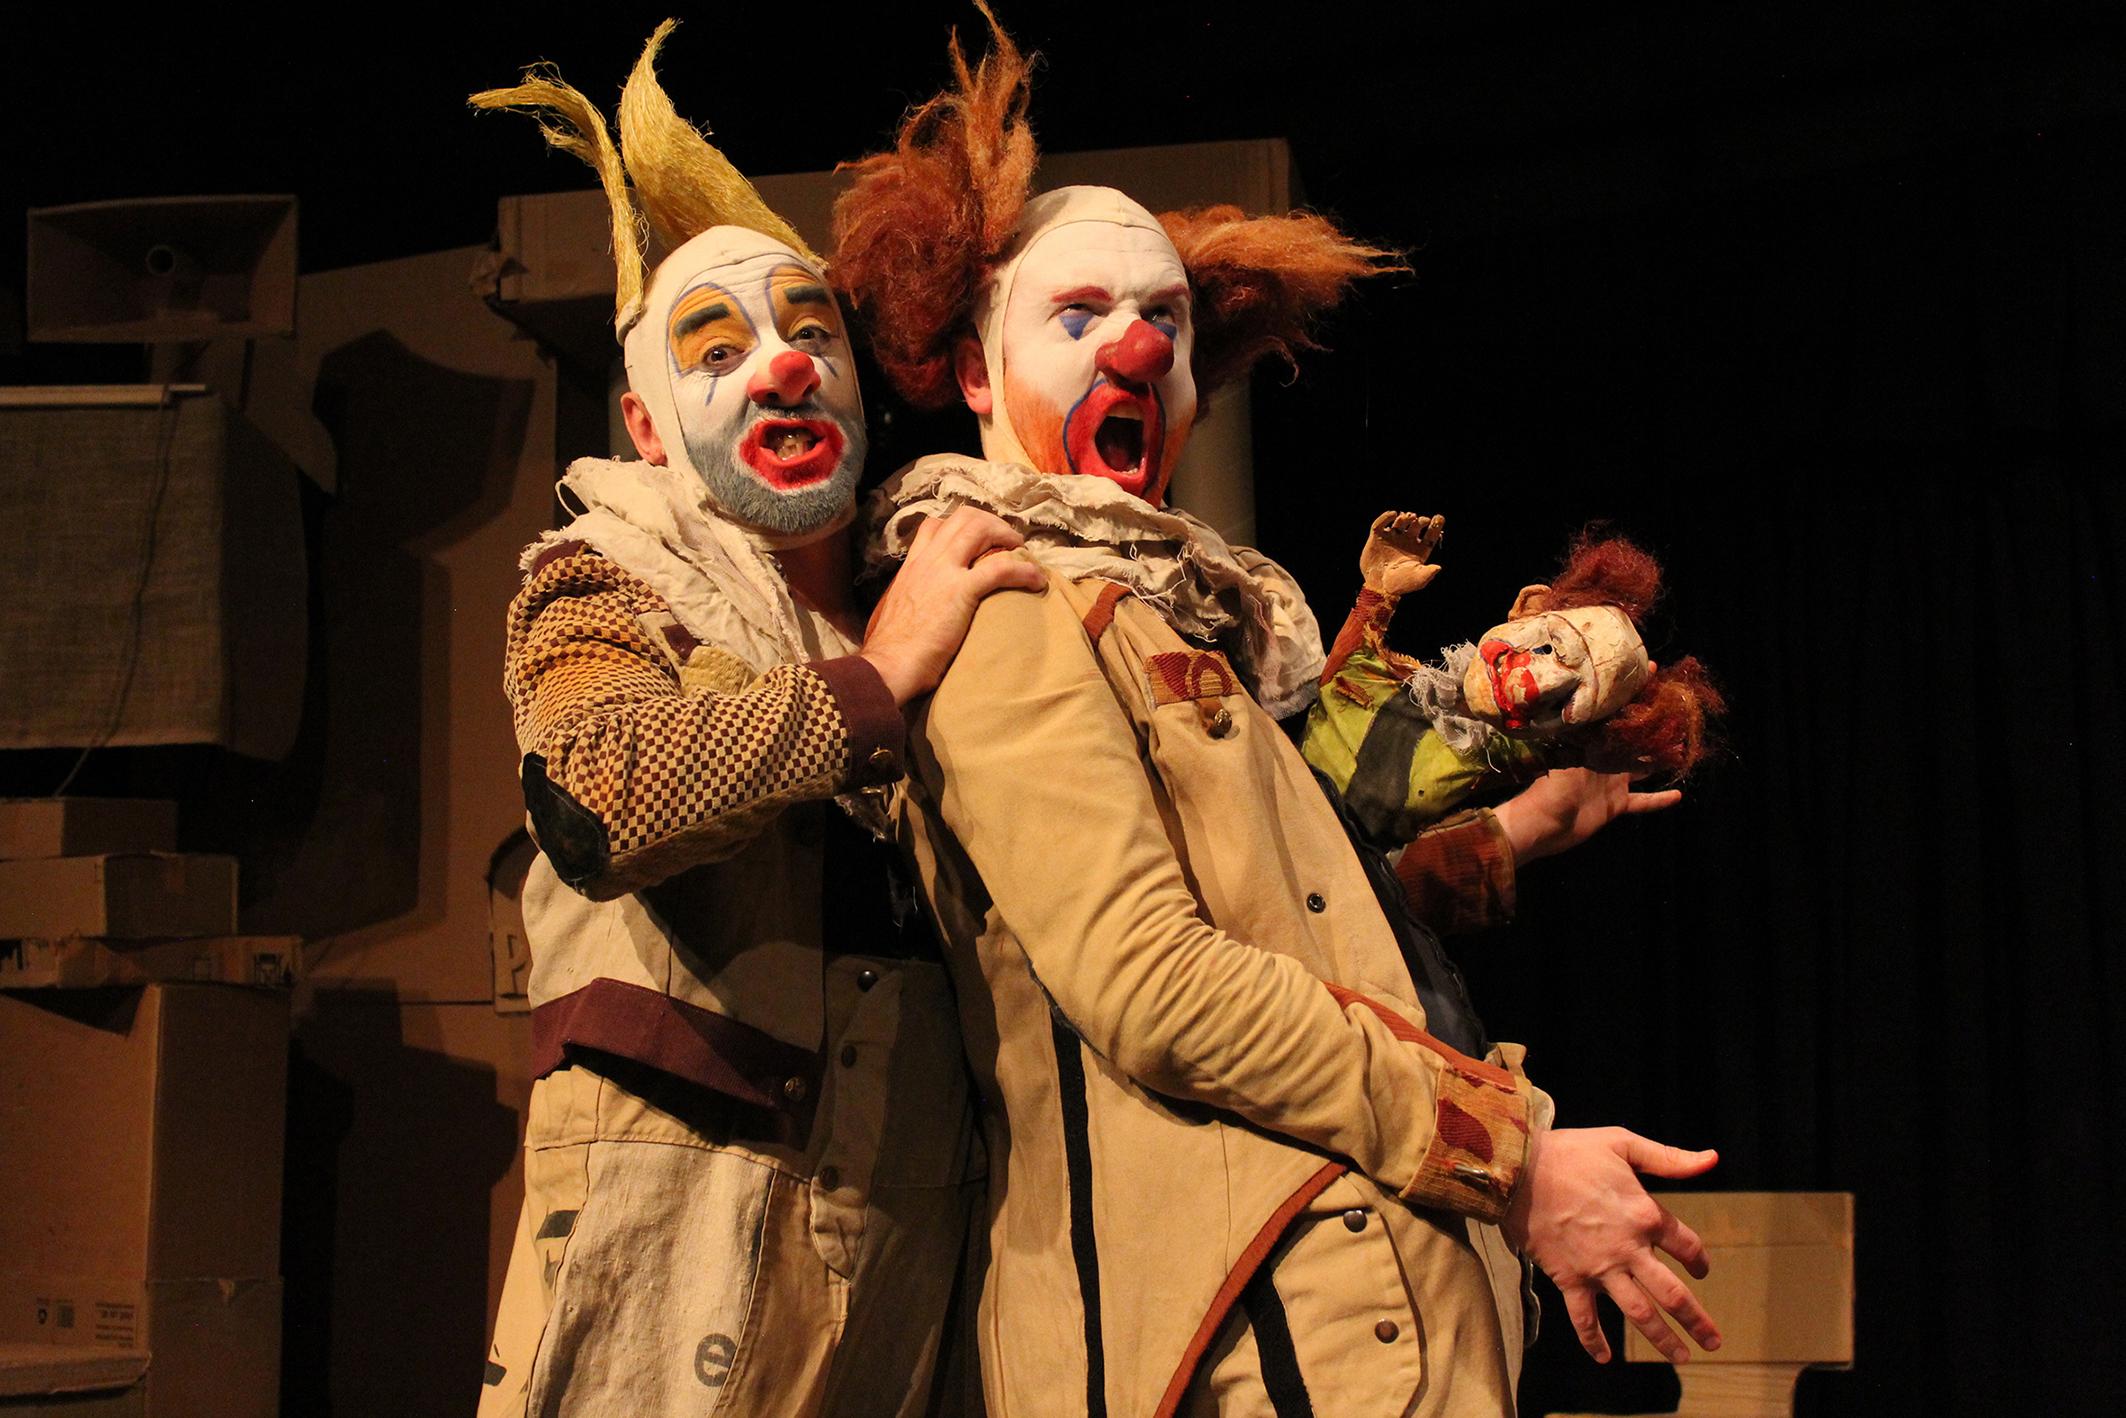 Un moment de l'espectacle 'Coulrophobia' dels clowns anglesos Opposable Thumb